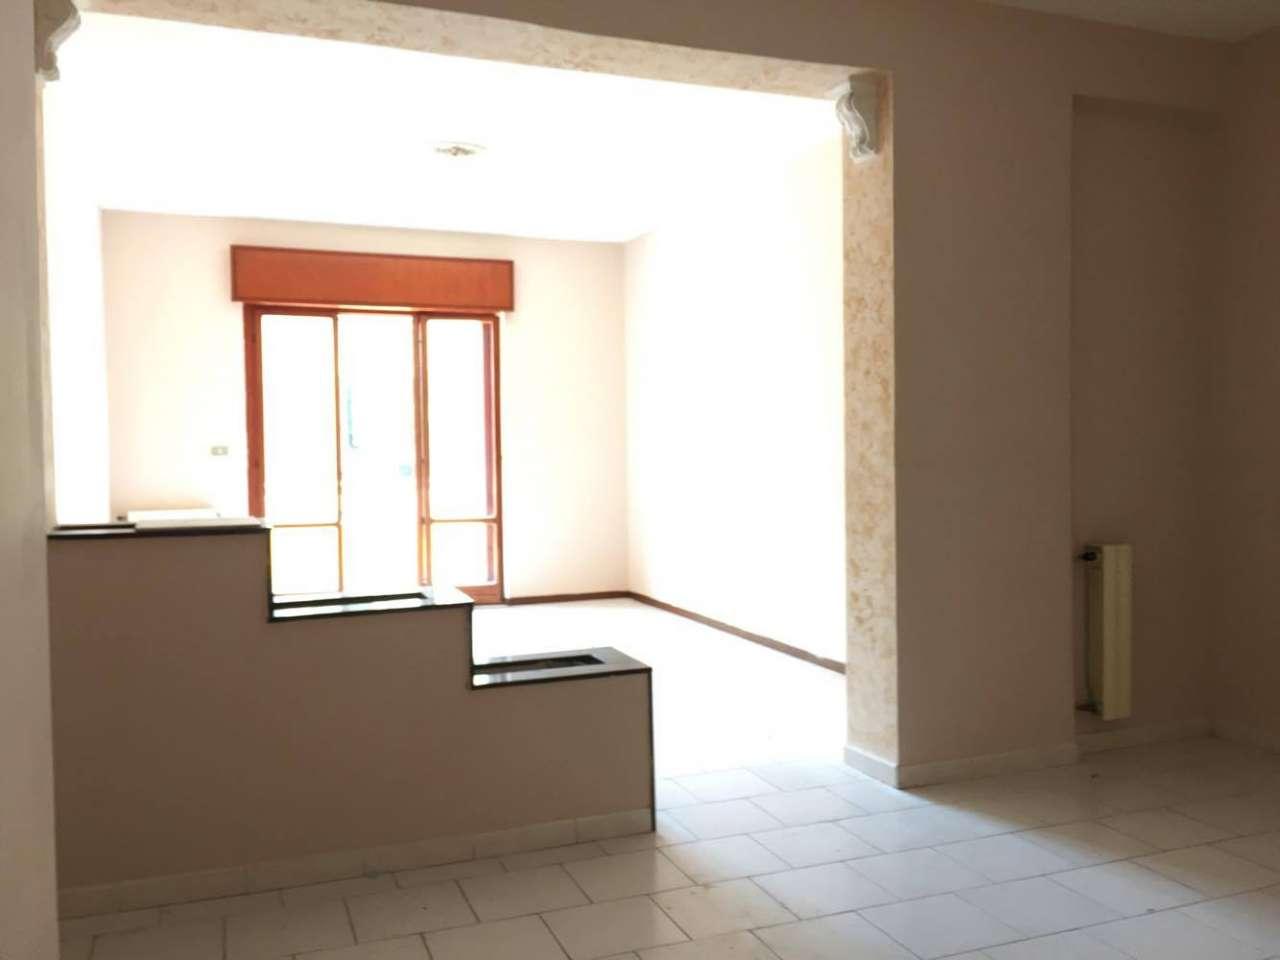 Appartamento in vendita a Frattamaggiore, 5 locali, prezzo € 249.000 | CambioCasa.it